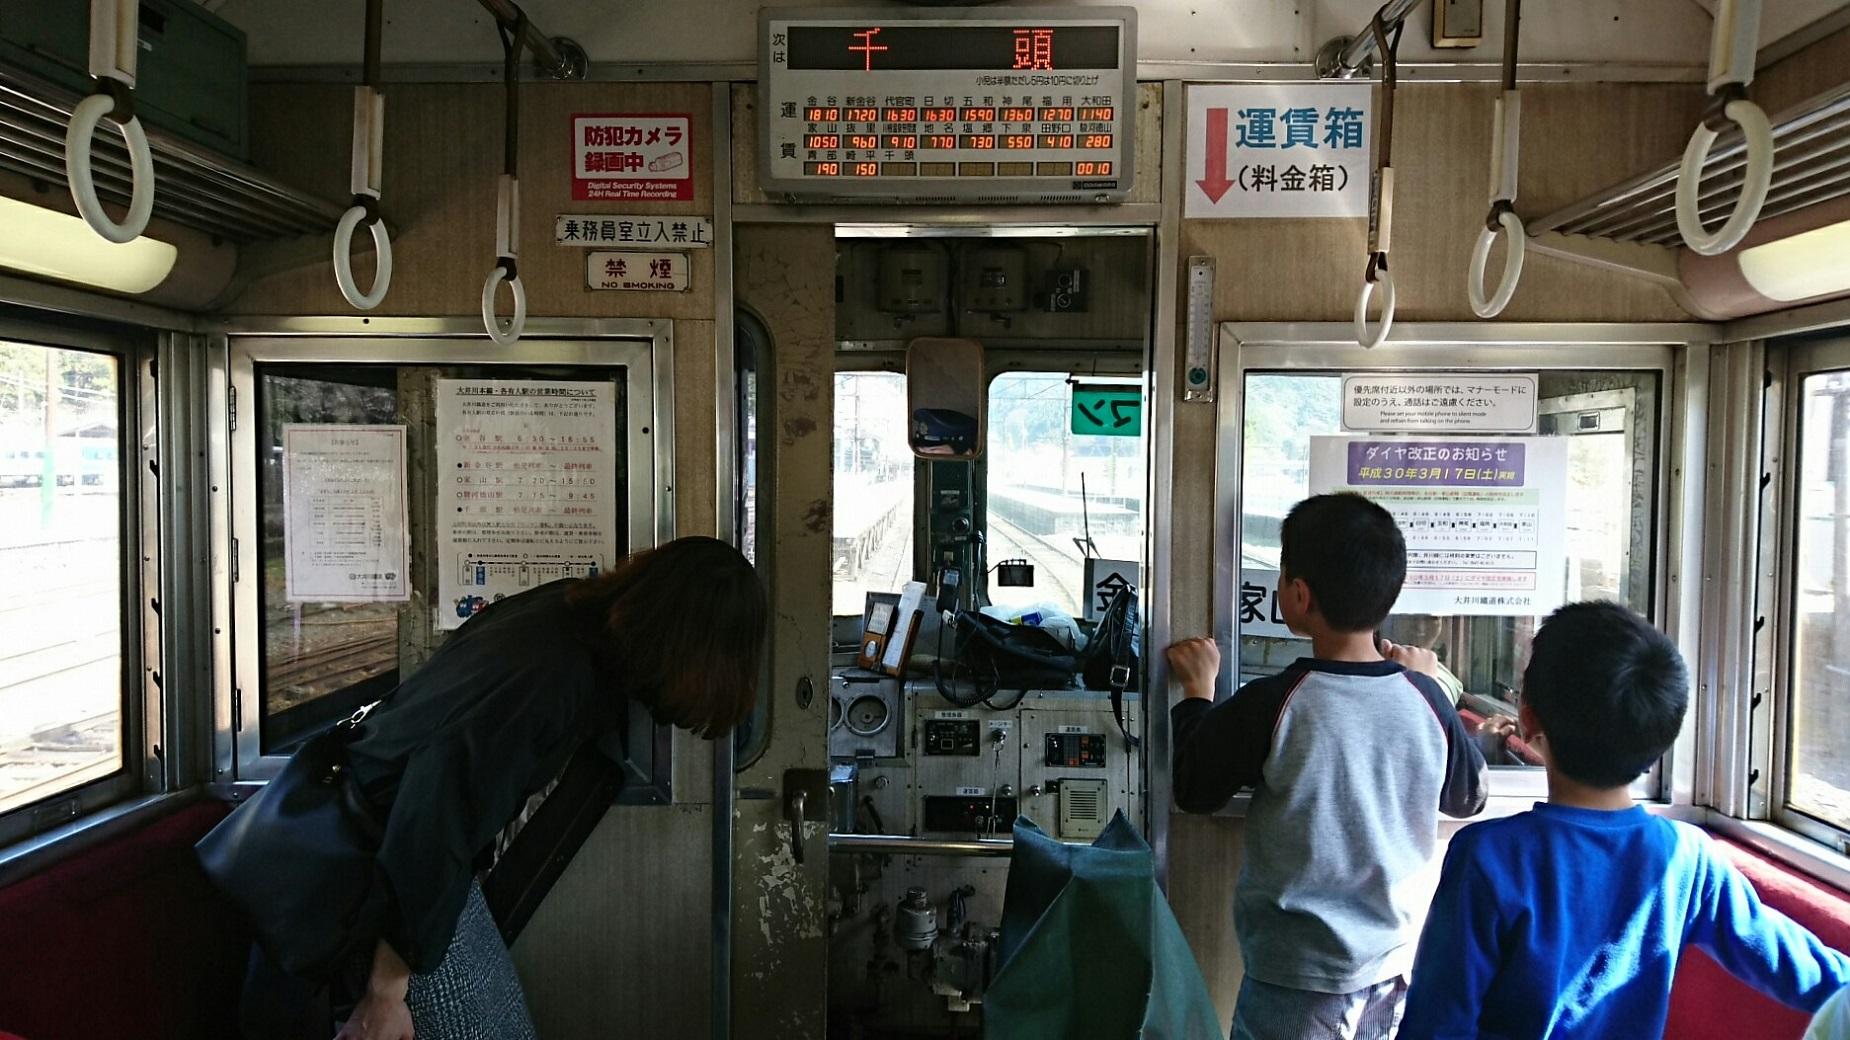 2018.3.28 大井川本線 (61) 千頭いきふつう - 千頭 1850-1040